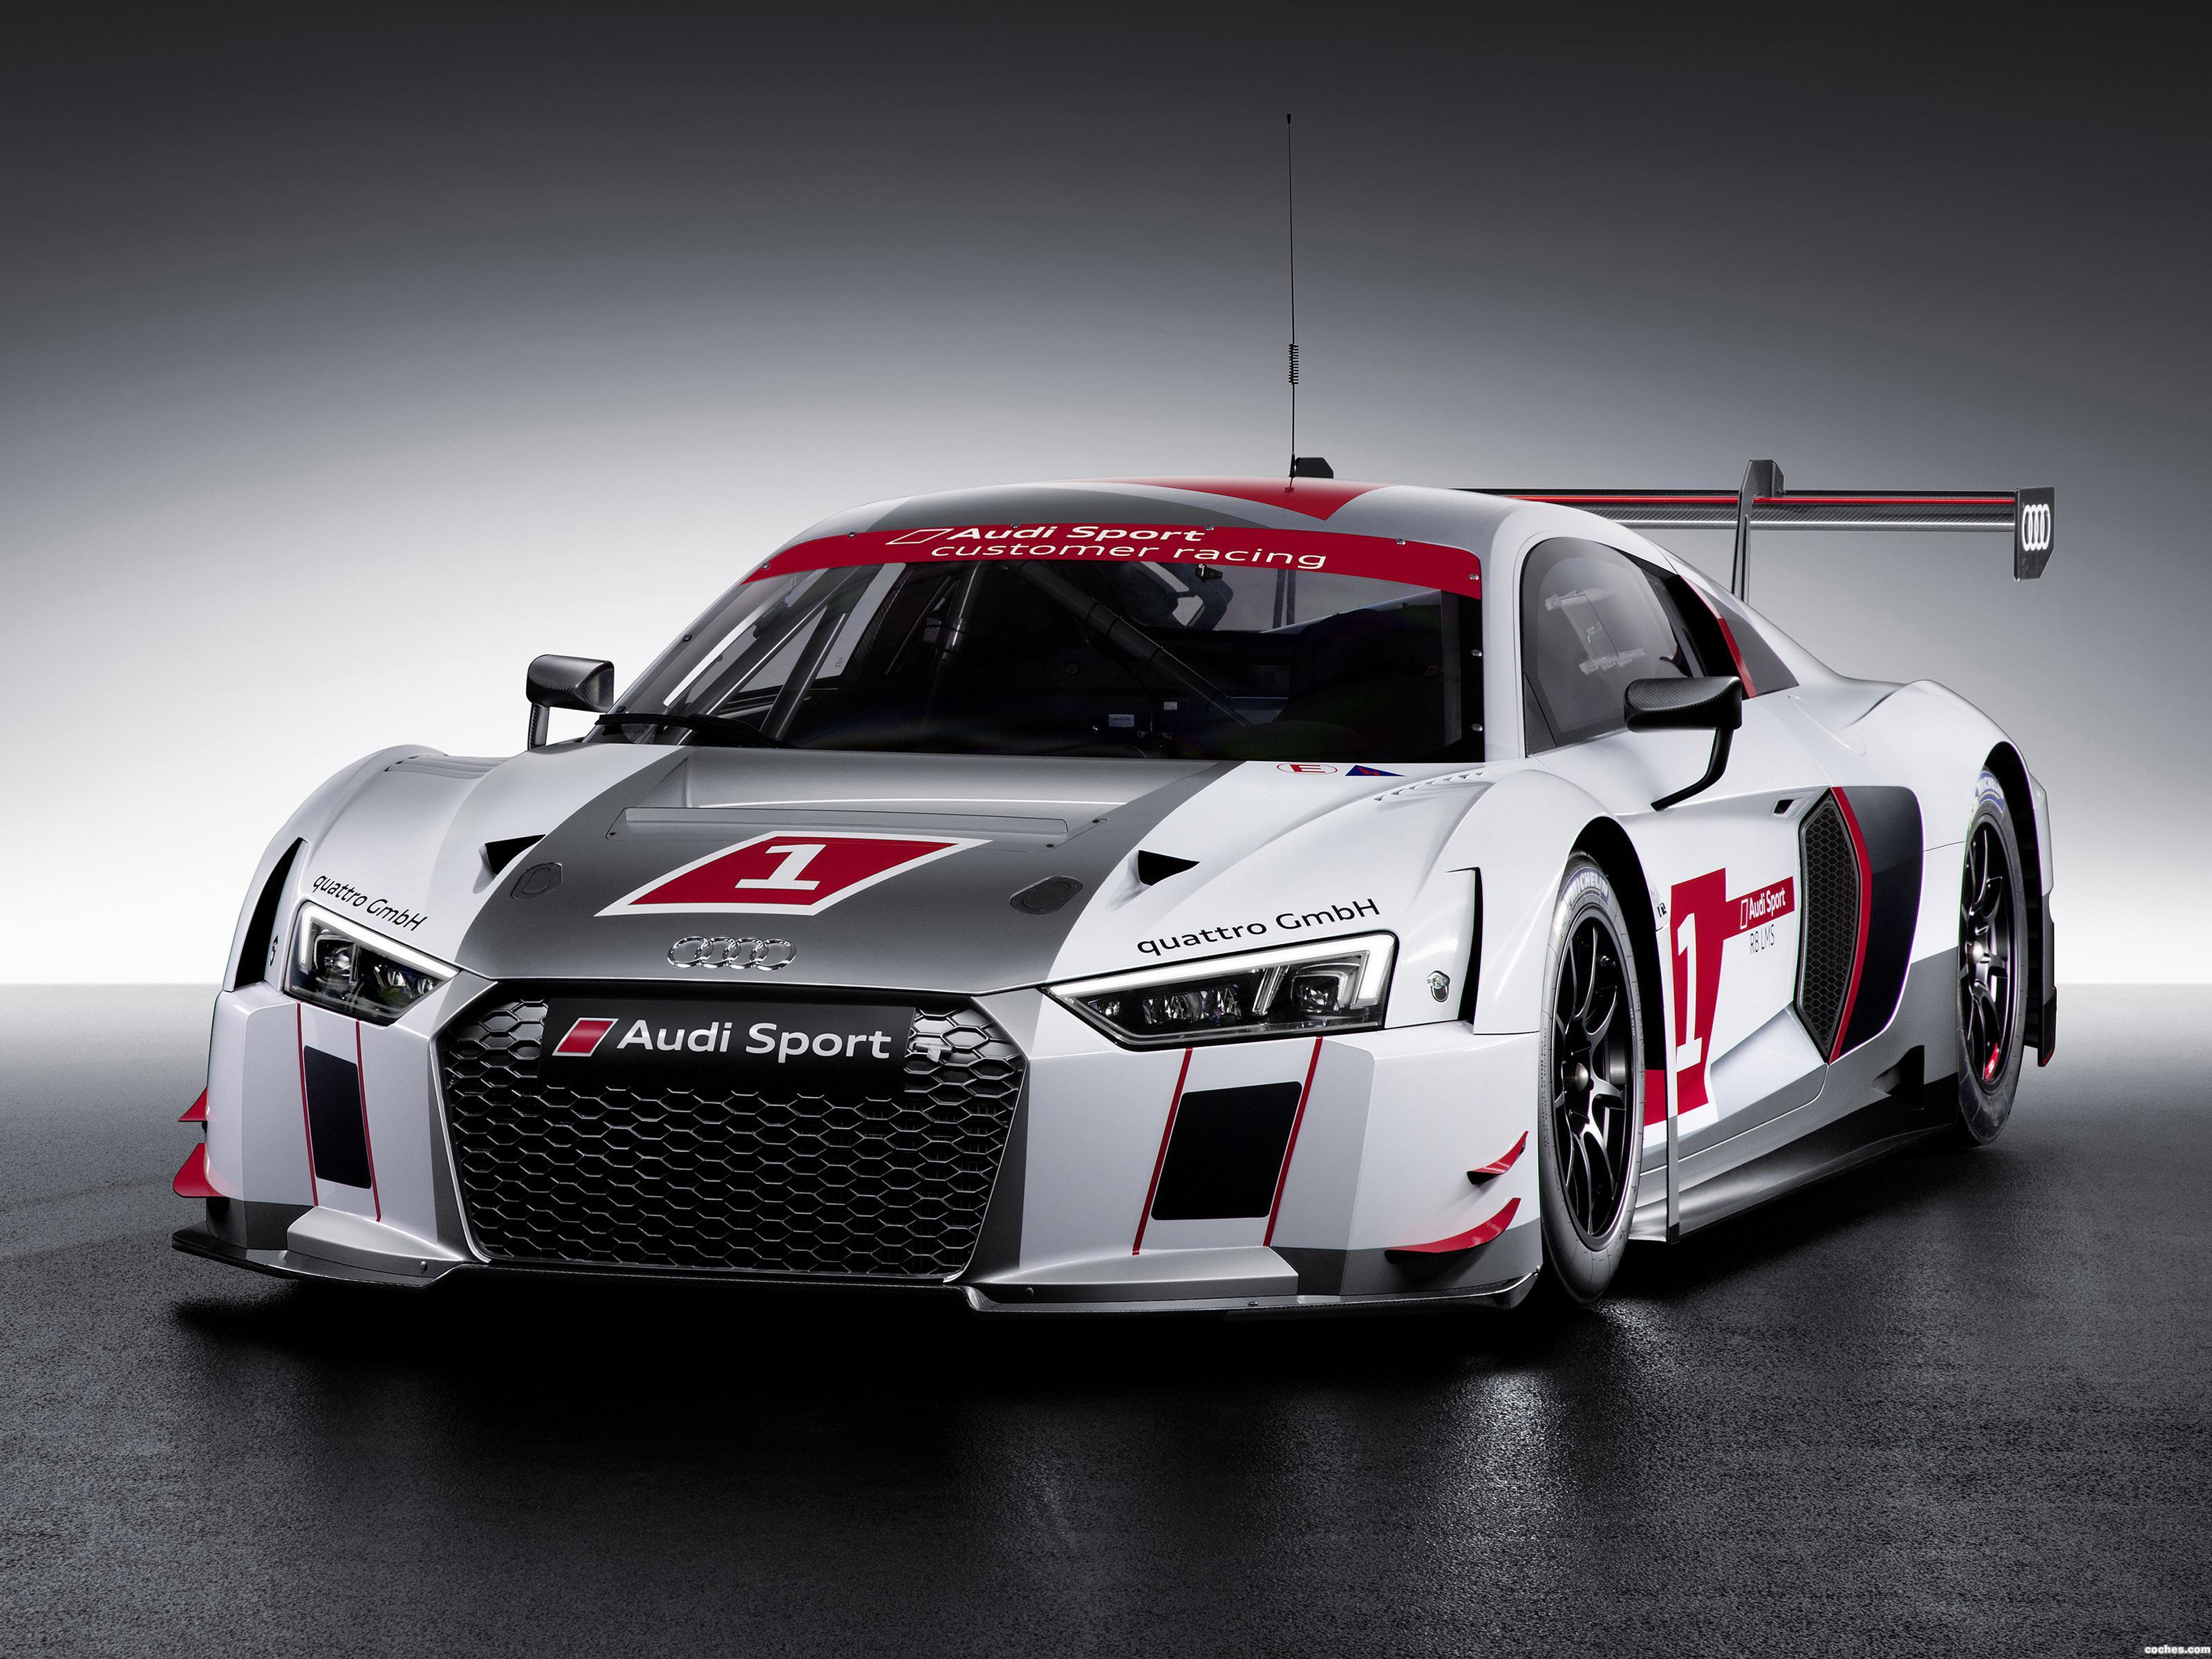 Foto 11 de Audi R8 LMS 2015